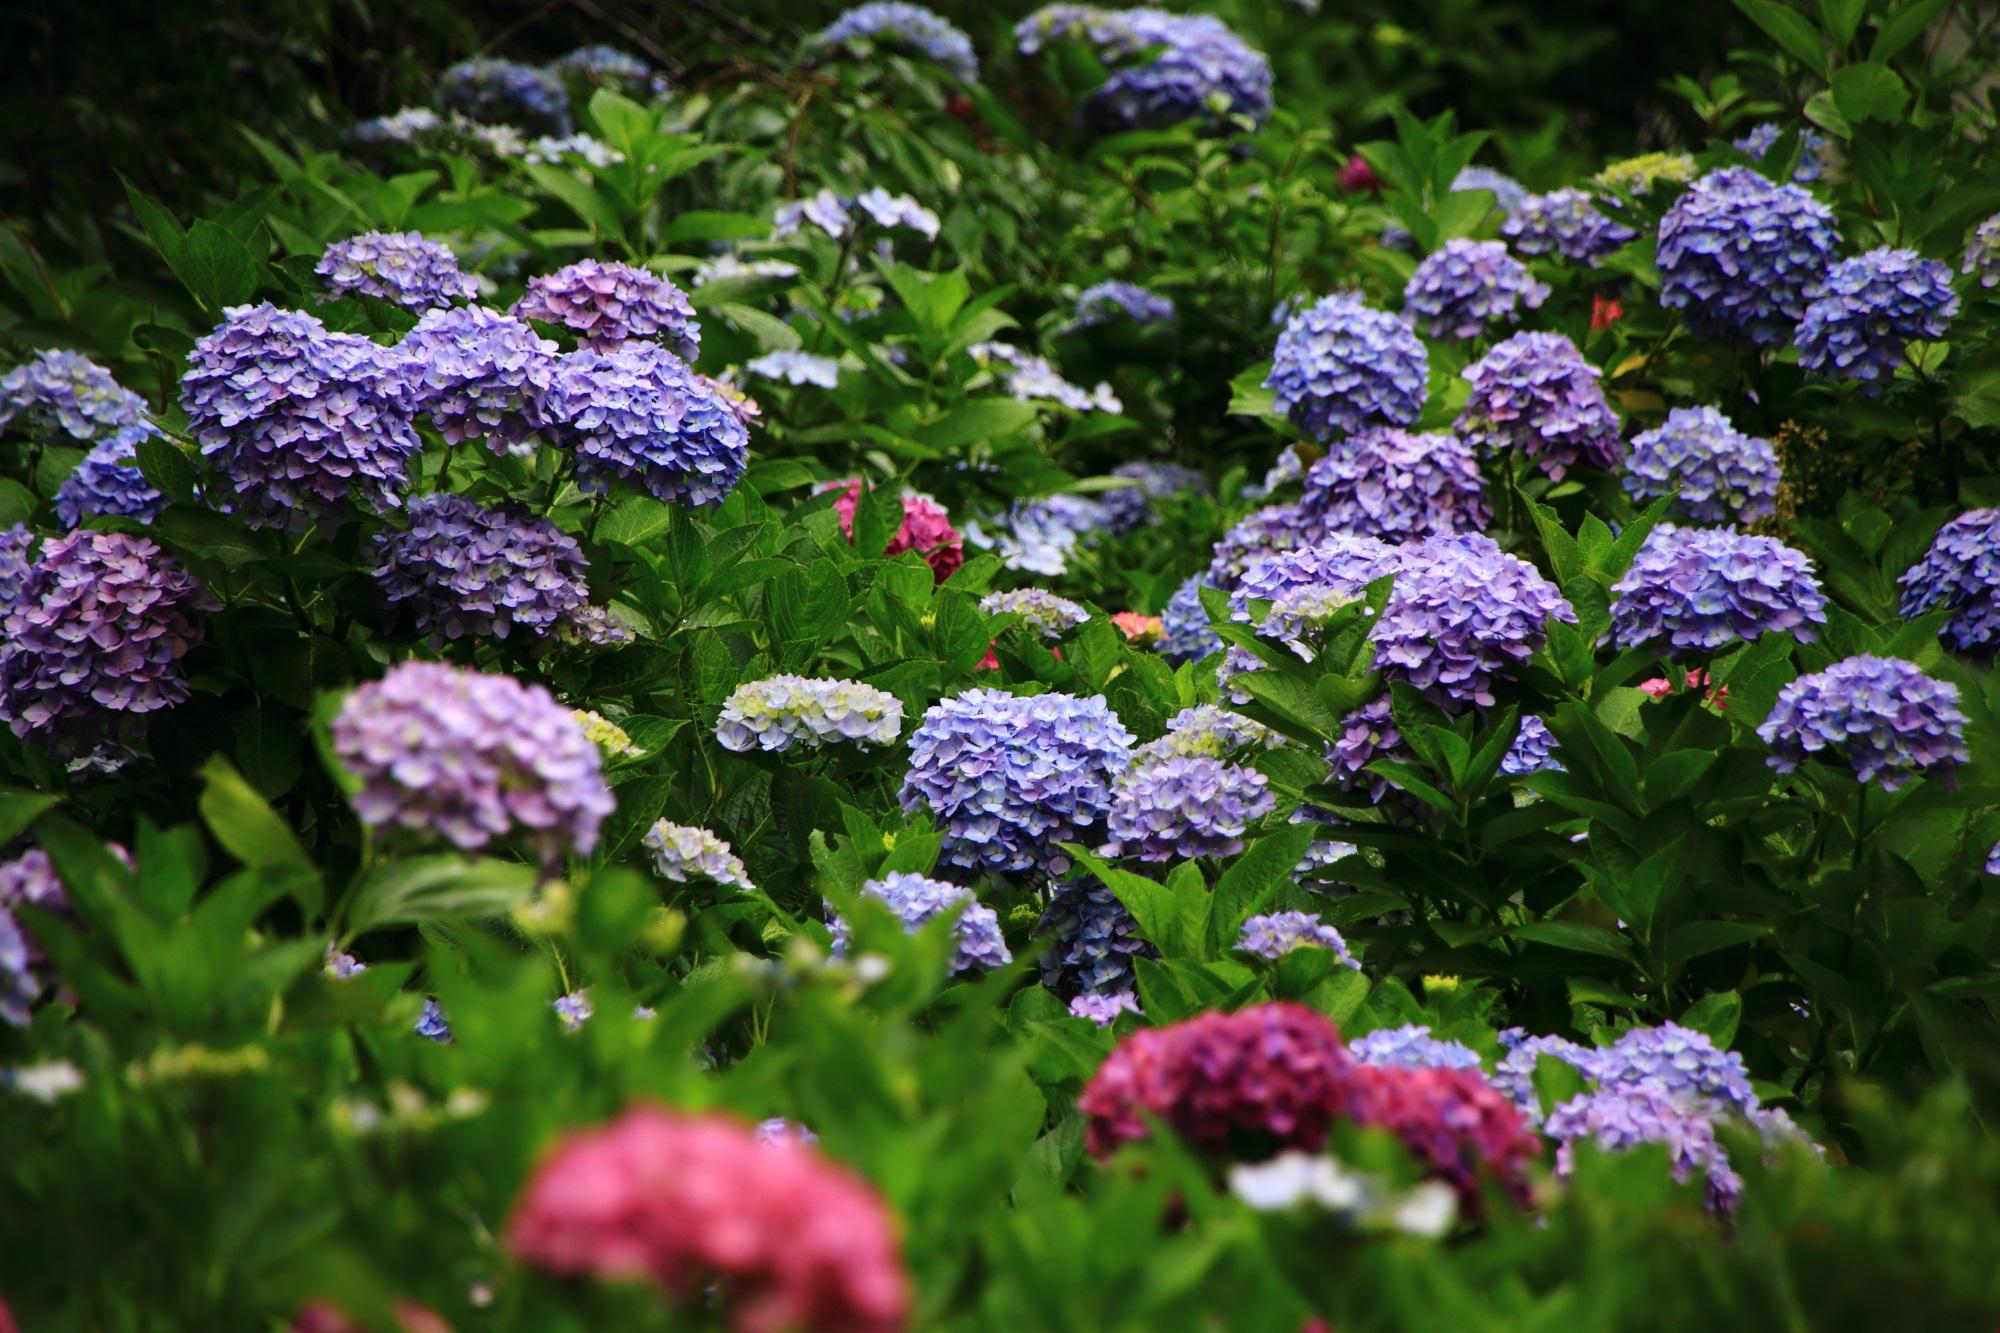 緑の中から浮かび上がるような華やかな紫陽花